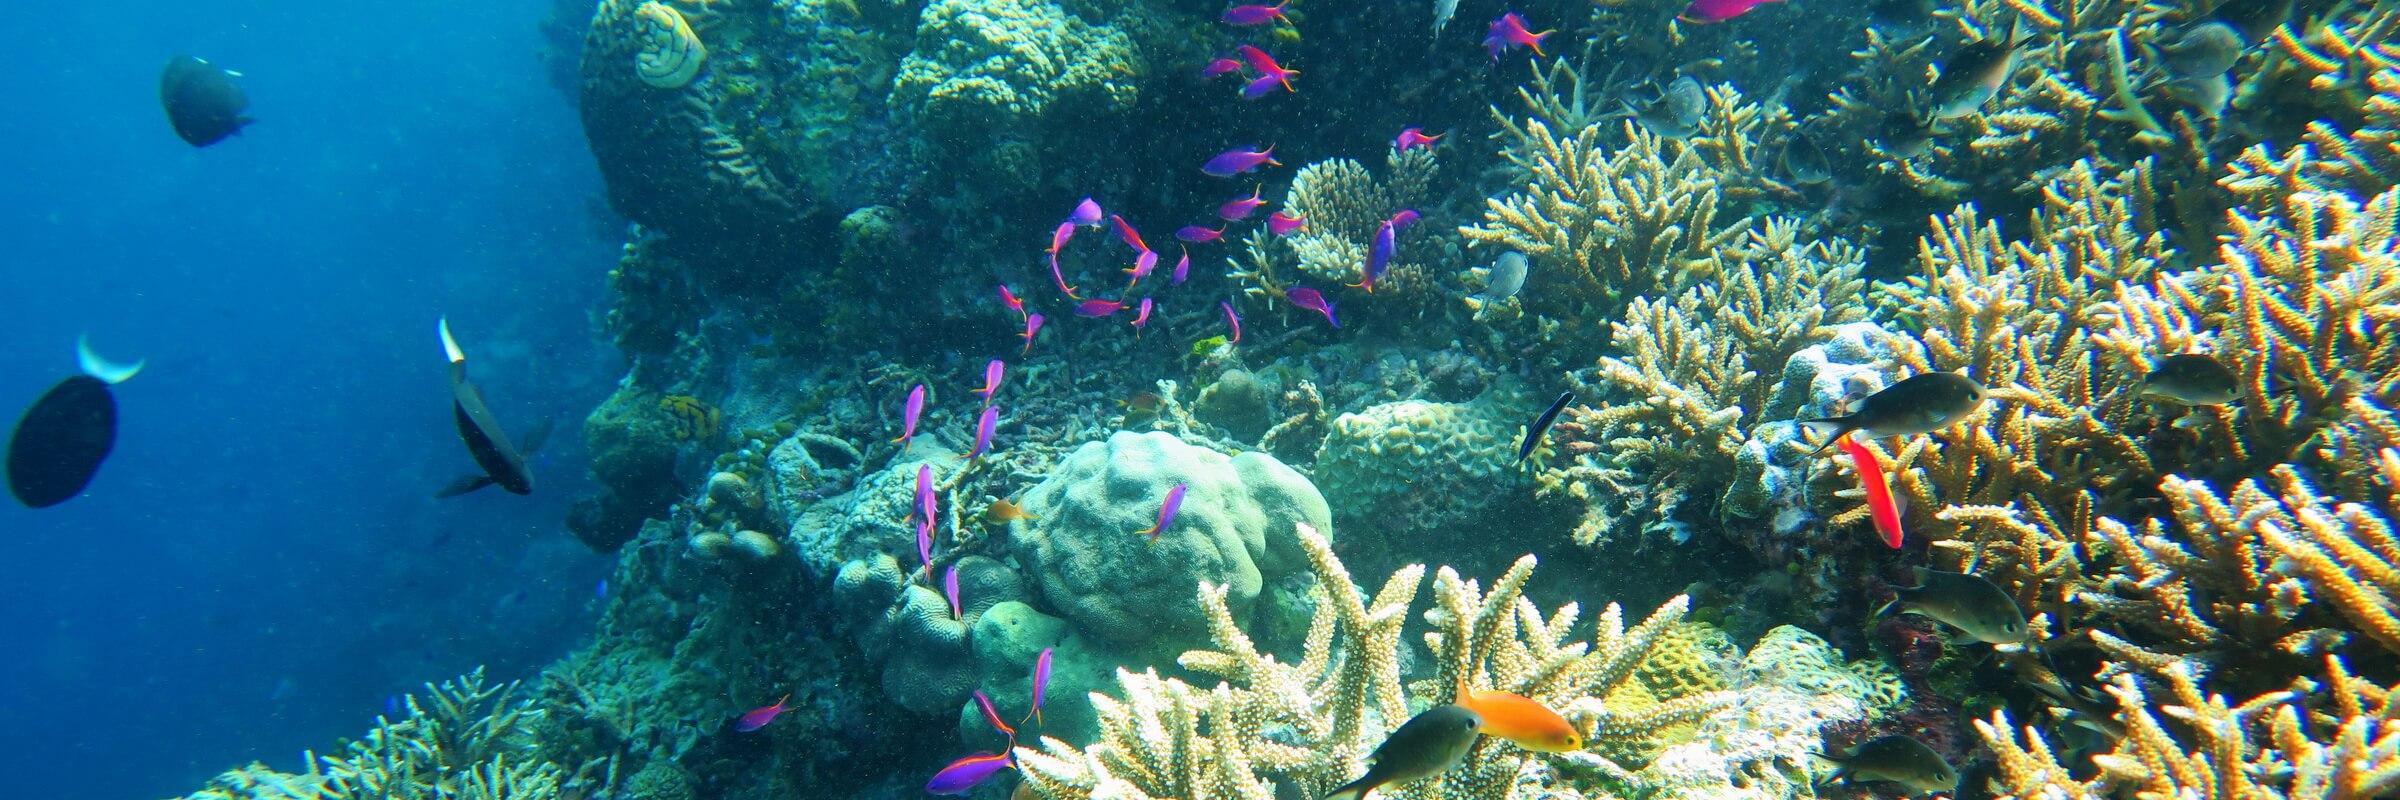 Die Gewässer rund um das Virgin Cocoa sind bekannt für ihre farbenprächtige Unterwasserwelt mit reichhaltiger Flora und Fauna.